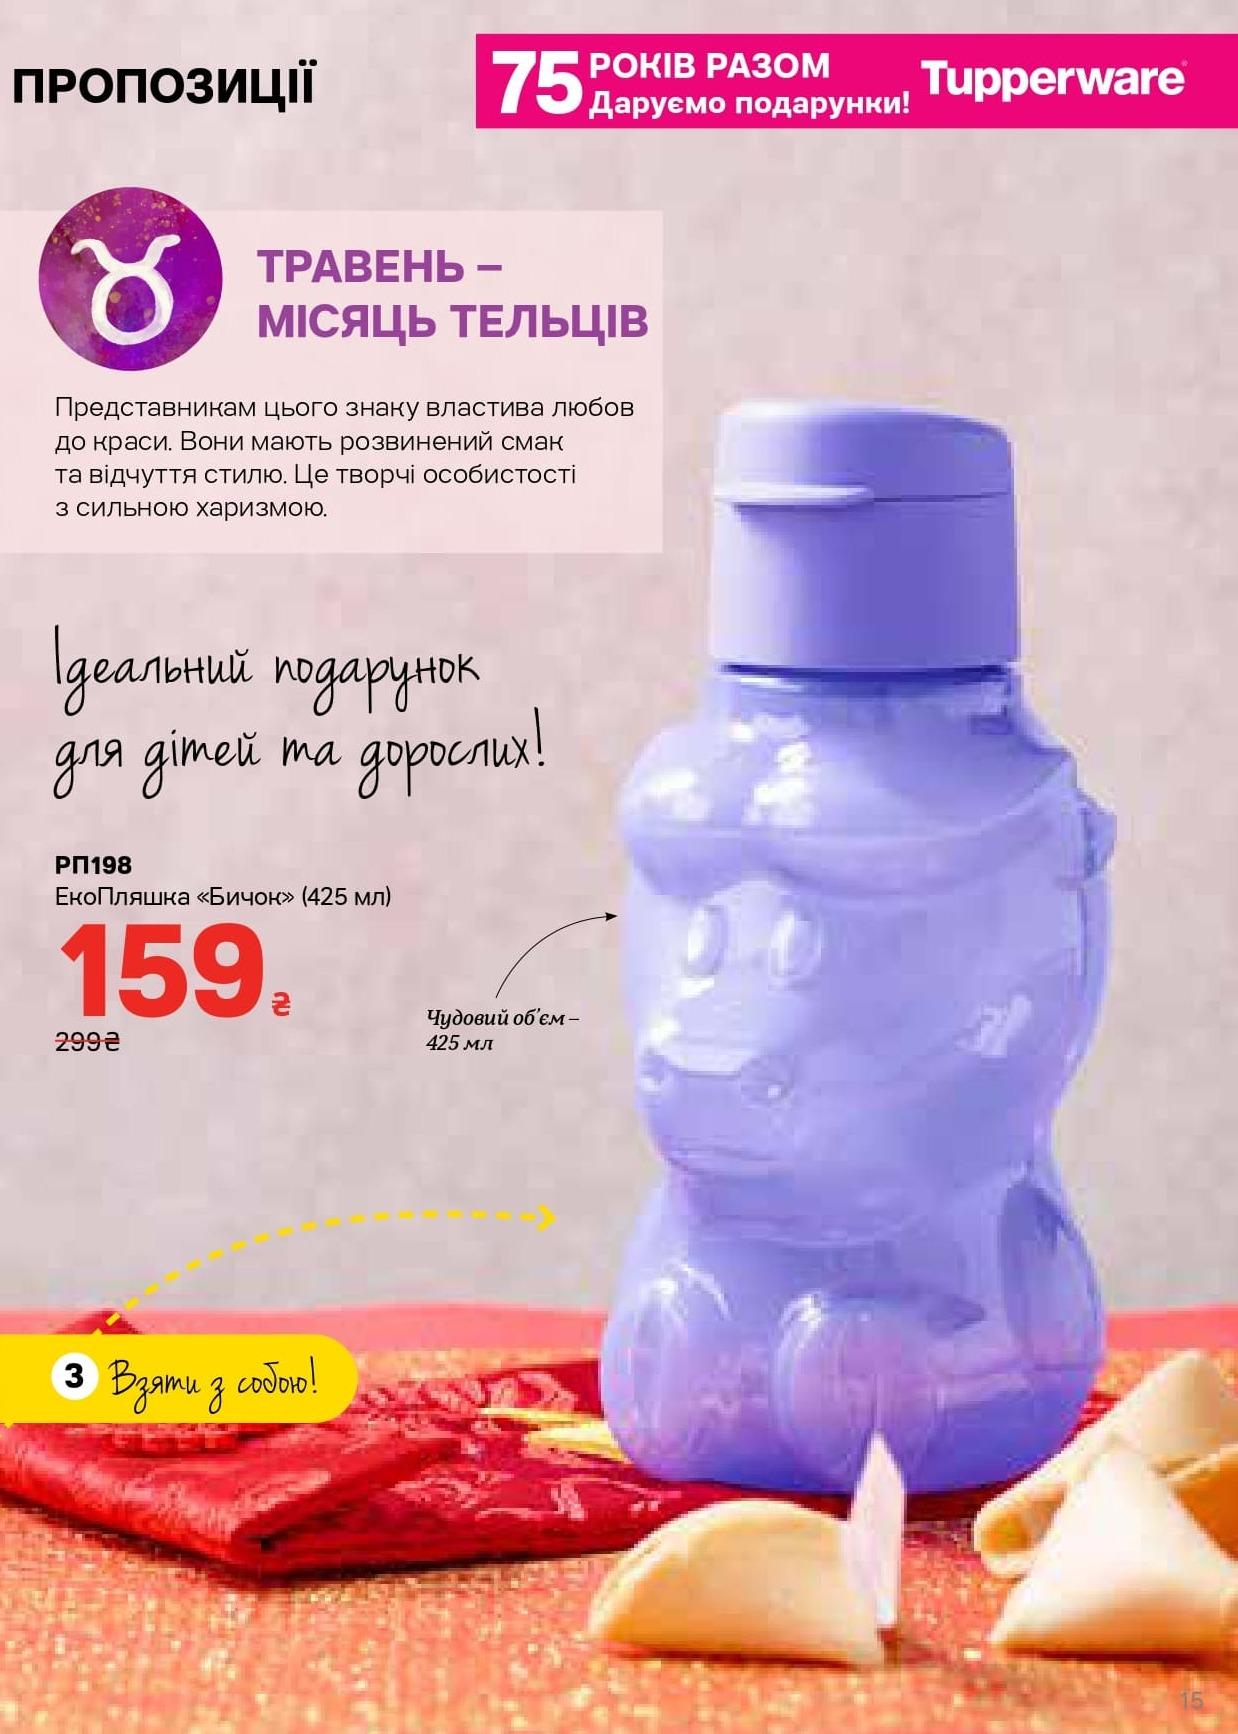 Эко бутылка бычок, объем 425 мл.